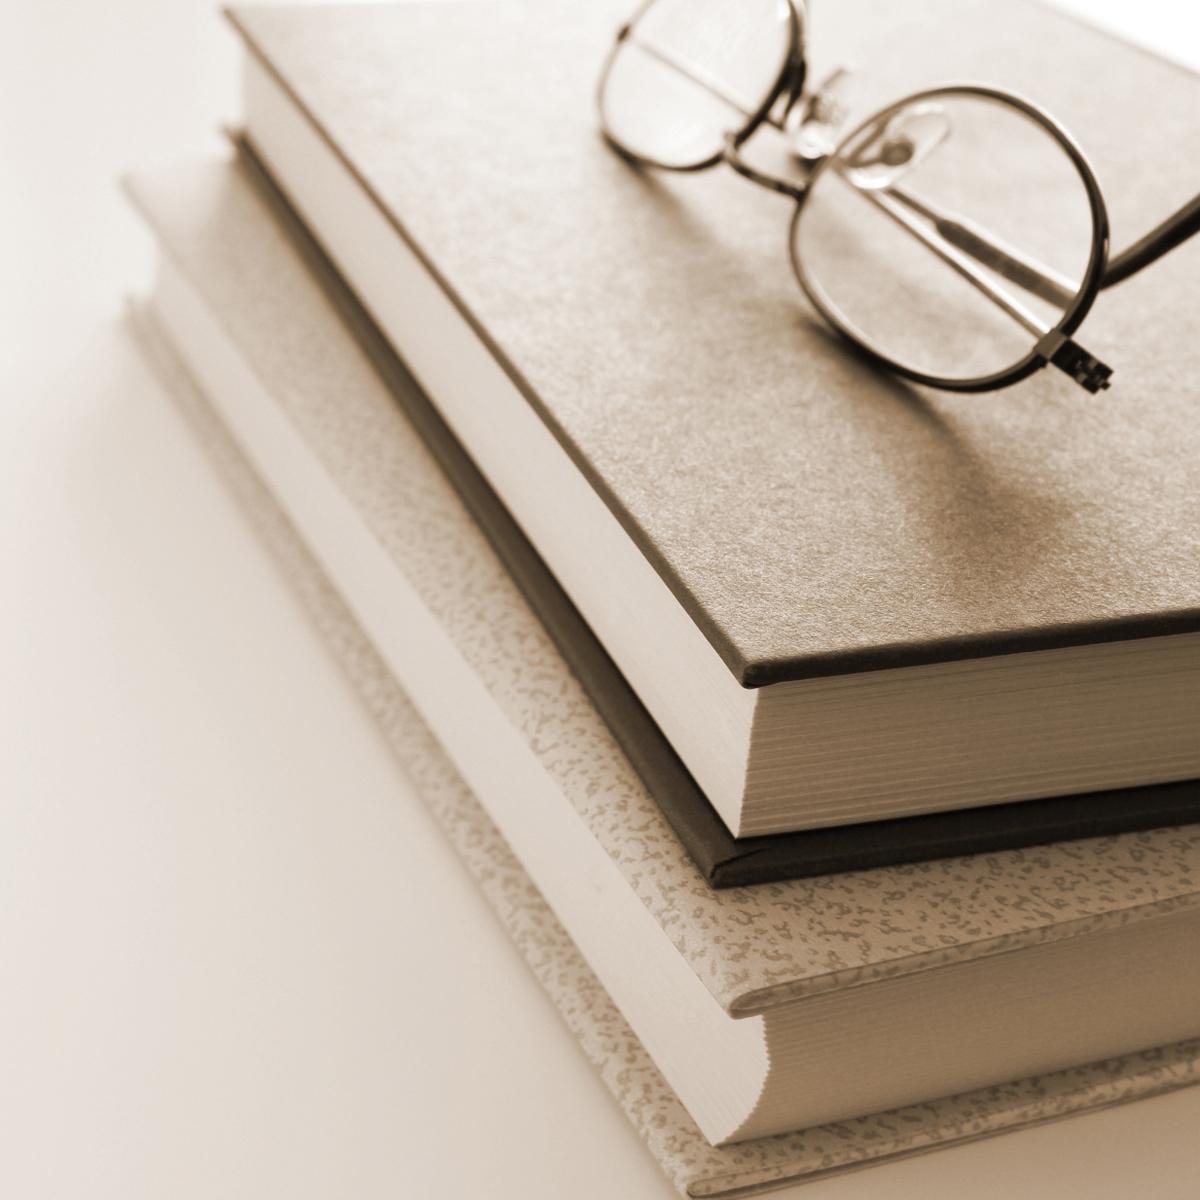 書籍とメガネ